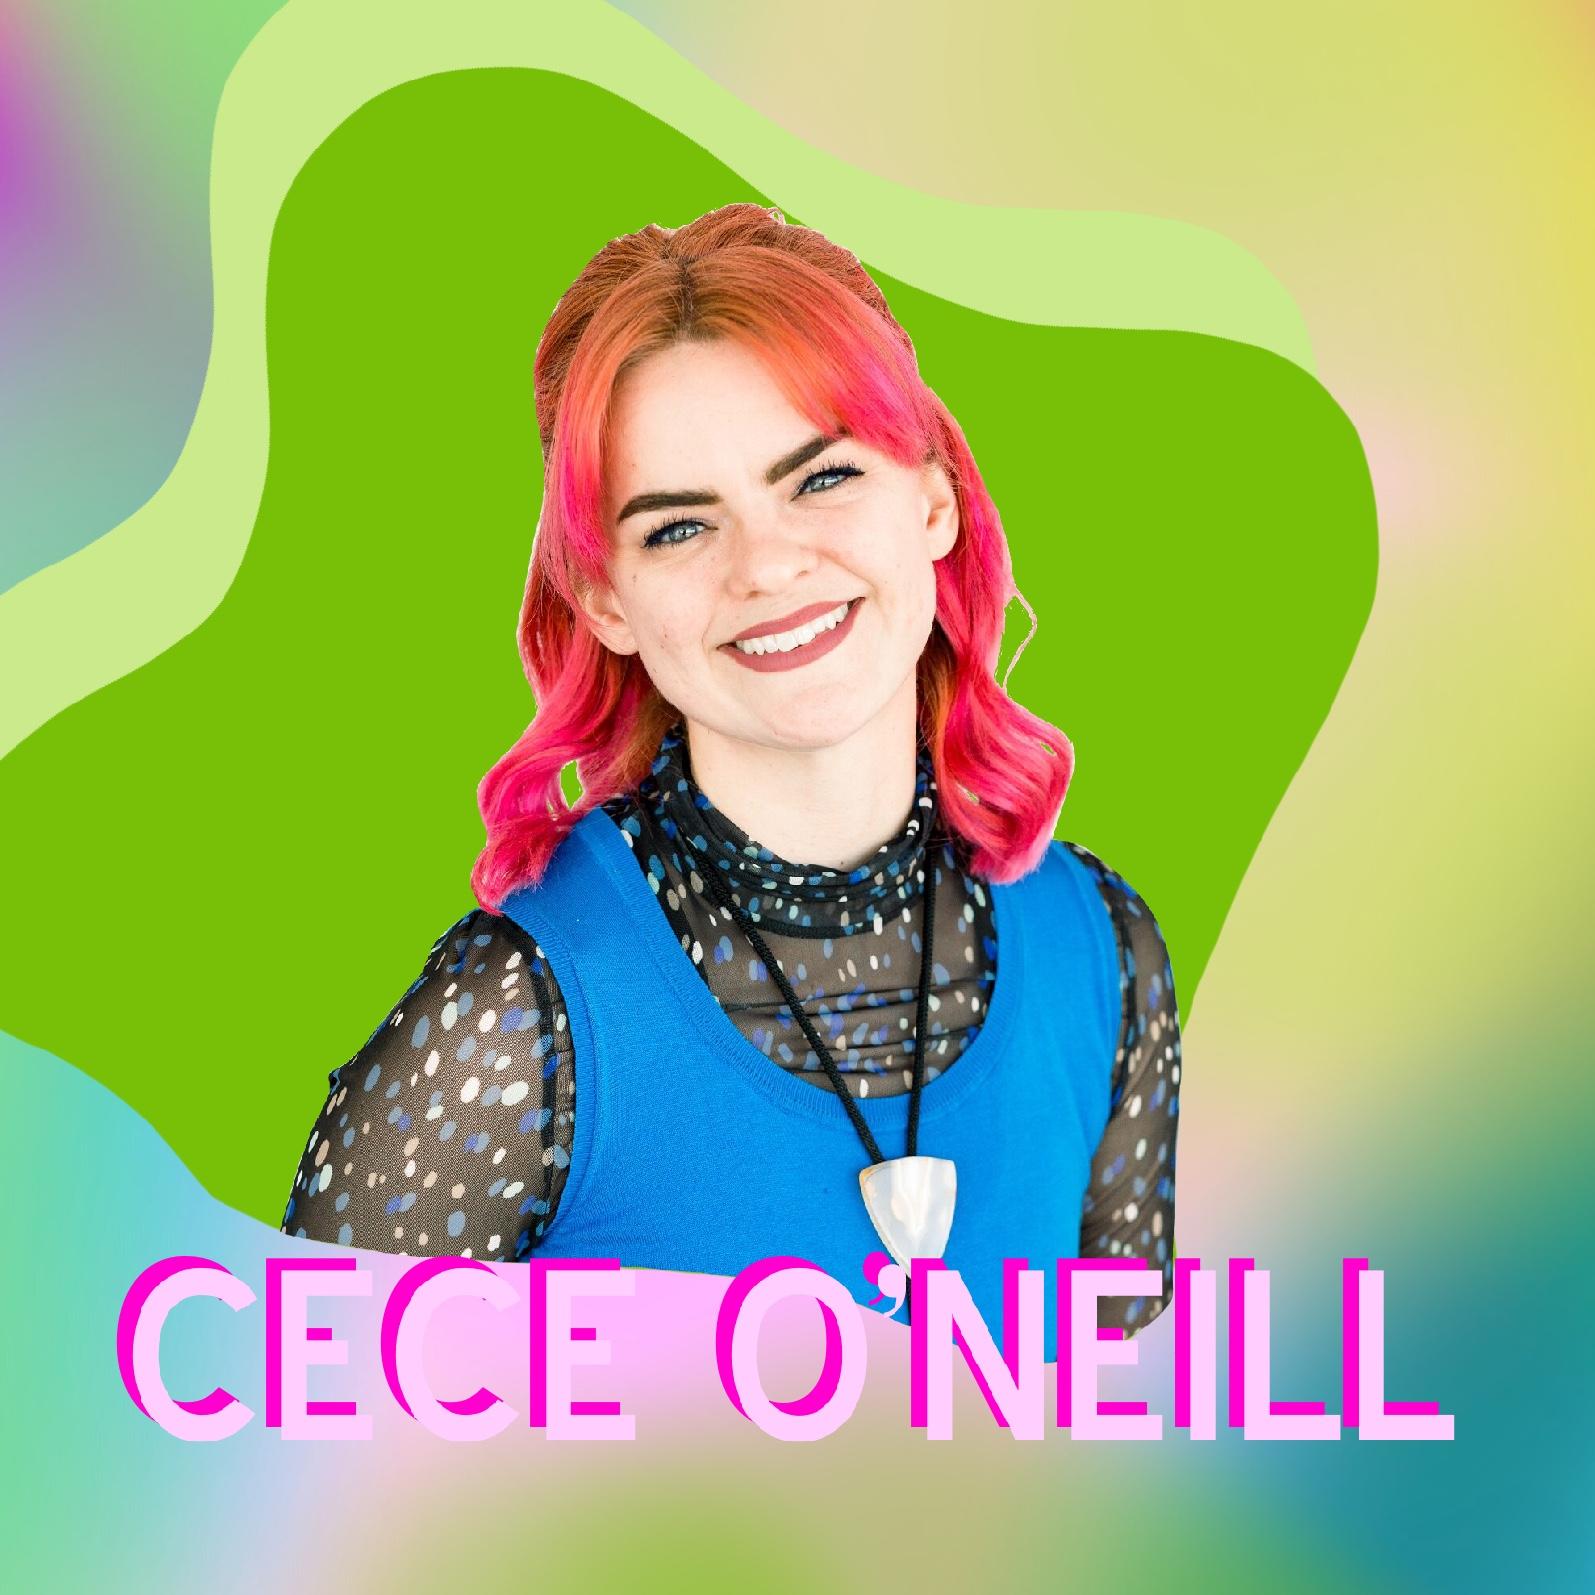 CeCe's Headshot